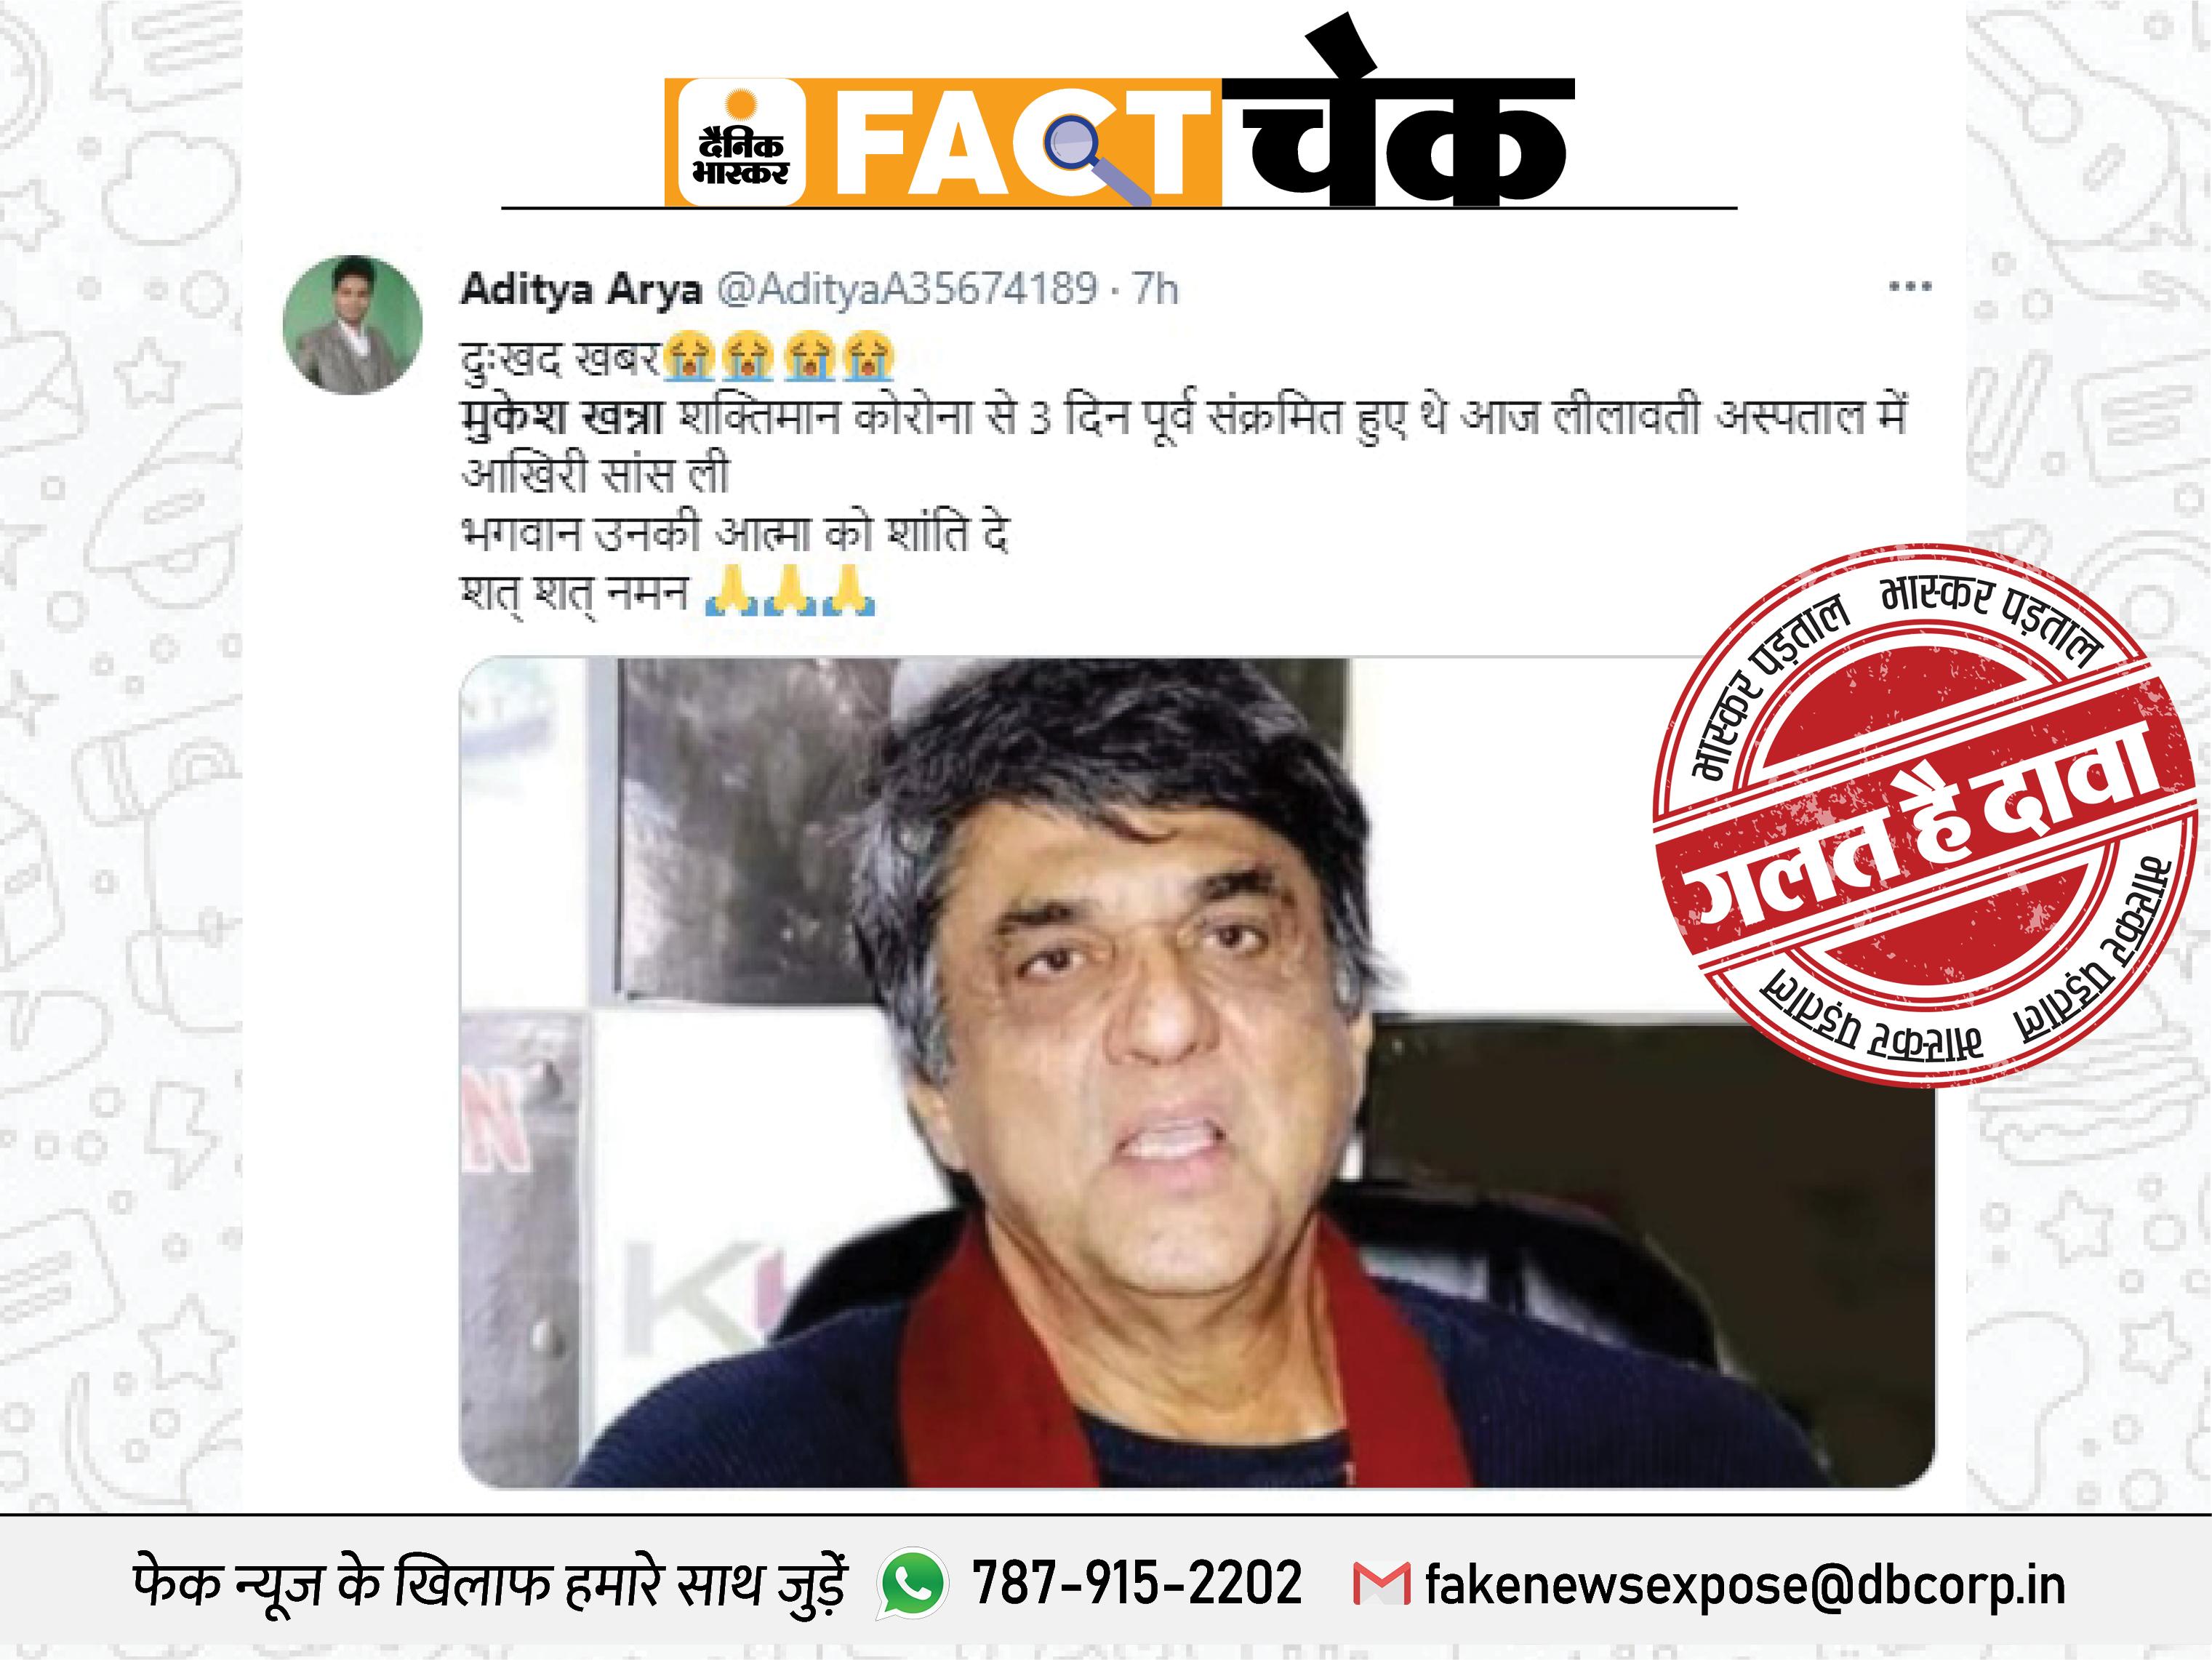 शक्तिमान का लोकप्रिय किरदारनिभाने वाले एक्टर मुकेशखन्ना का हुआ निधन? पड़ताल में झूठा निकला दावा|फेक न्यूज़ एक्सपोज़,Fake News Expose - Dainik Bhaskar